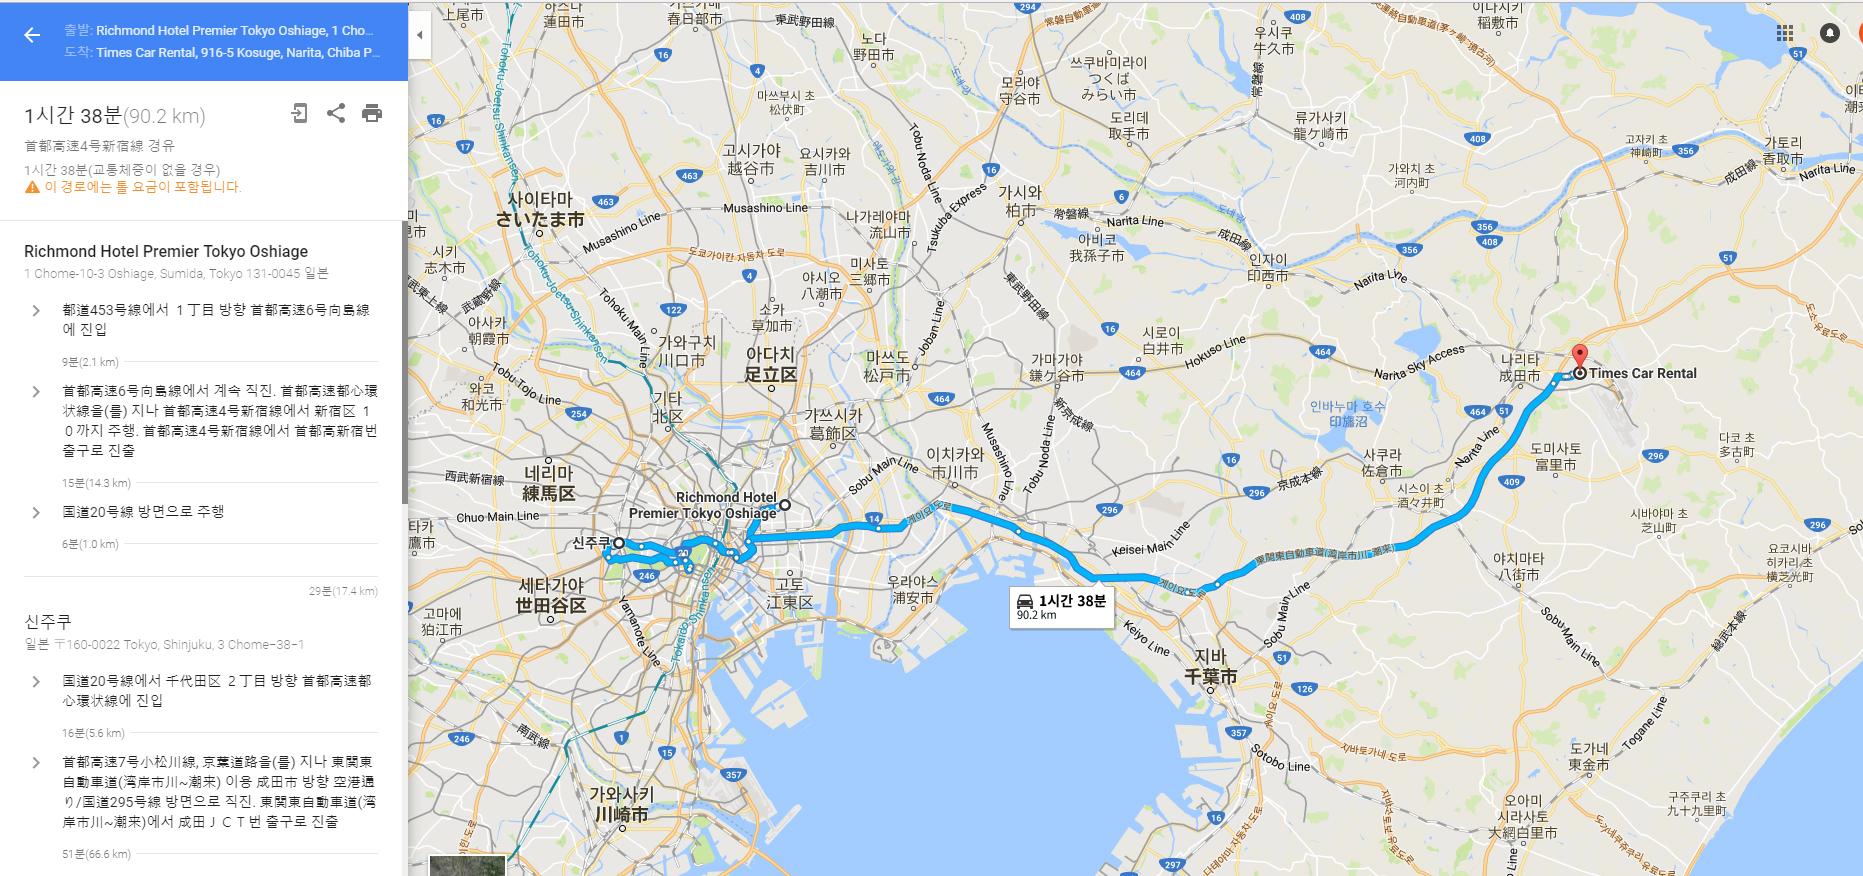 도쿄 주변 자동차여행(6) - 나리타로, 그리고 귀국